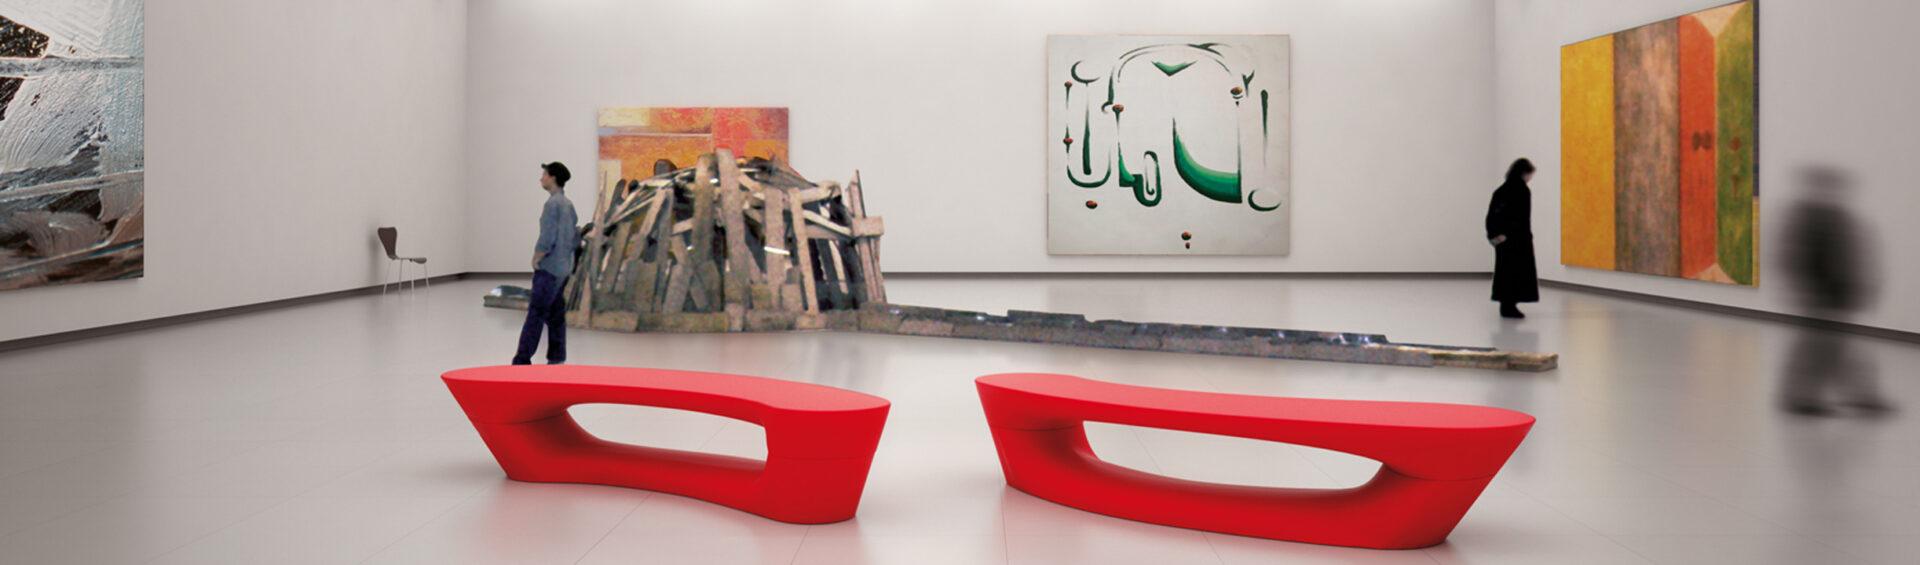 Boomerang bænke, røde, på museum